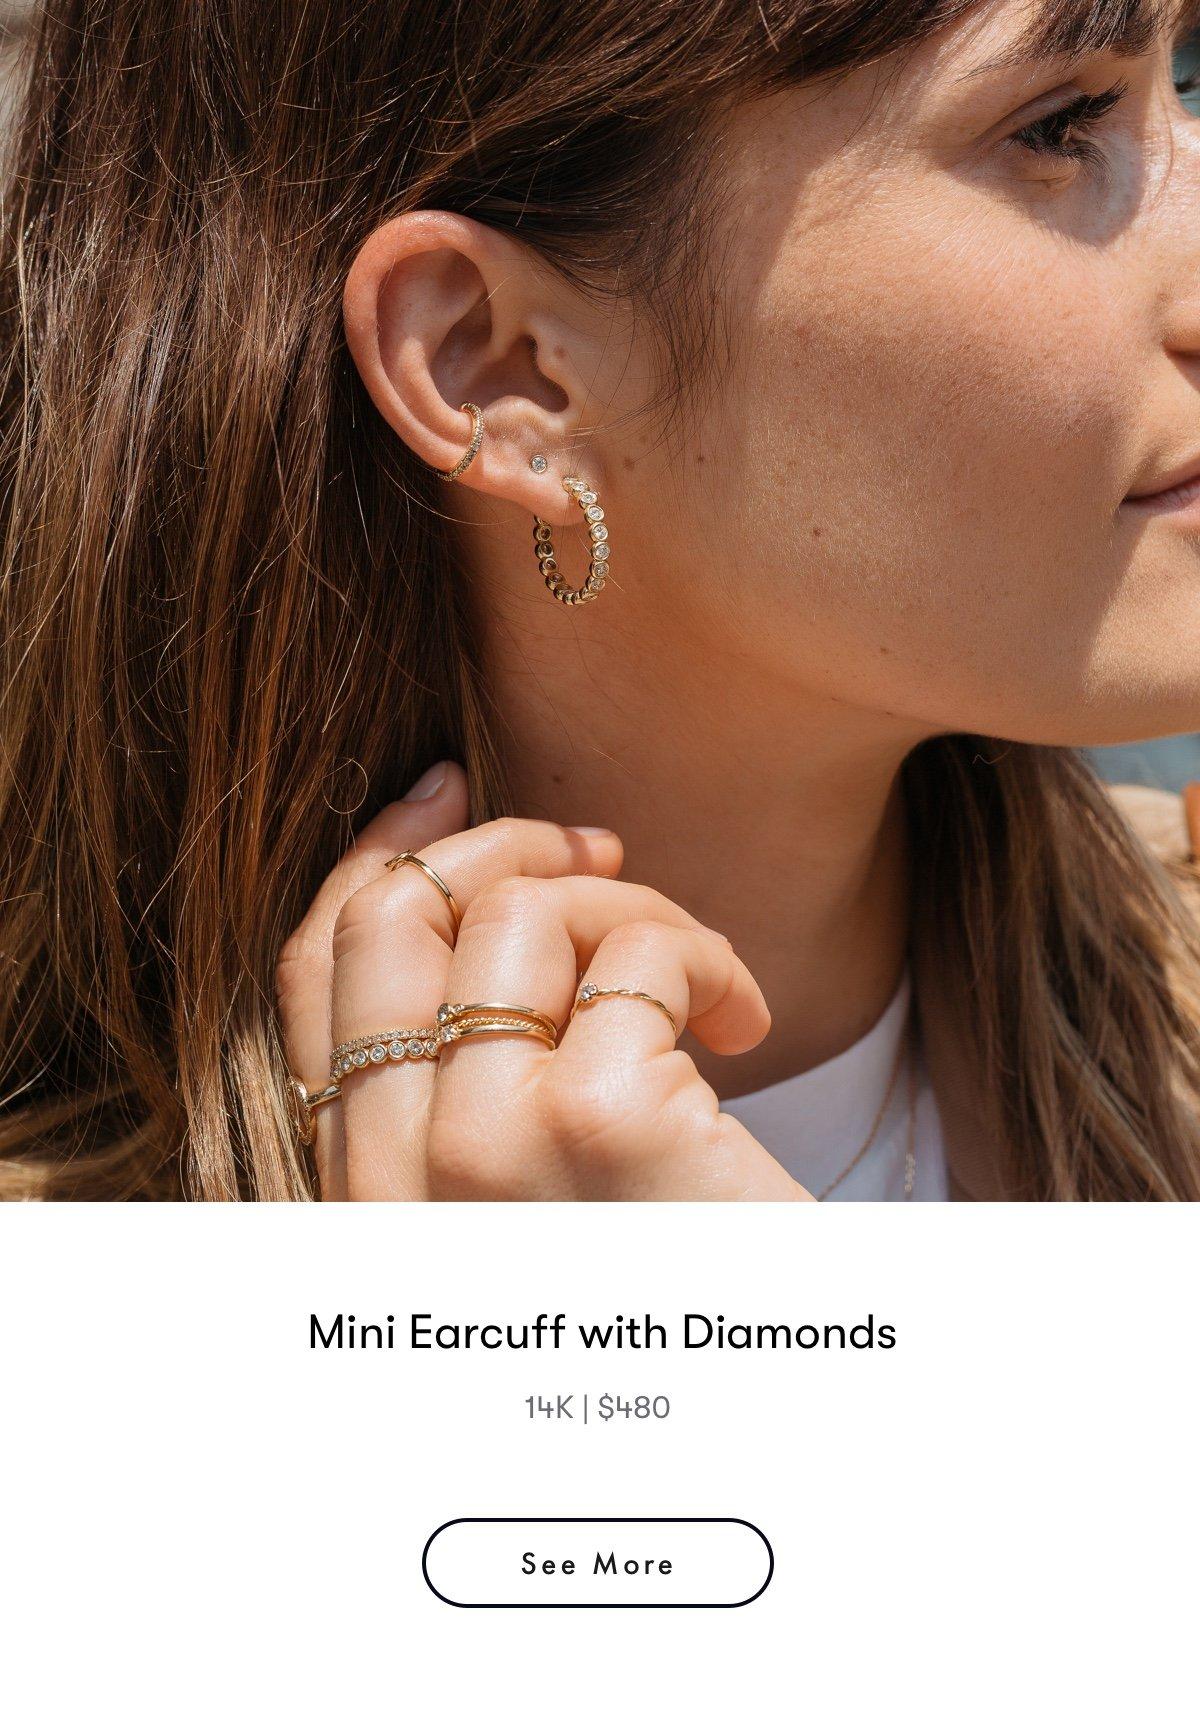 mini earcuff with diamonds